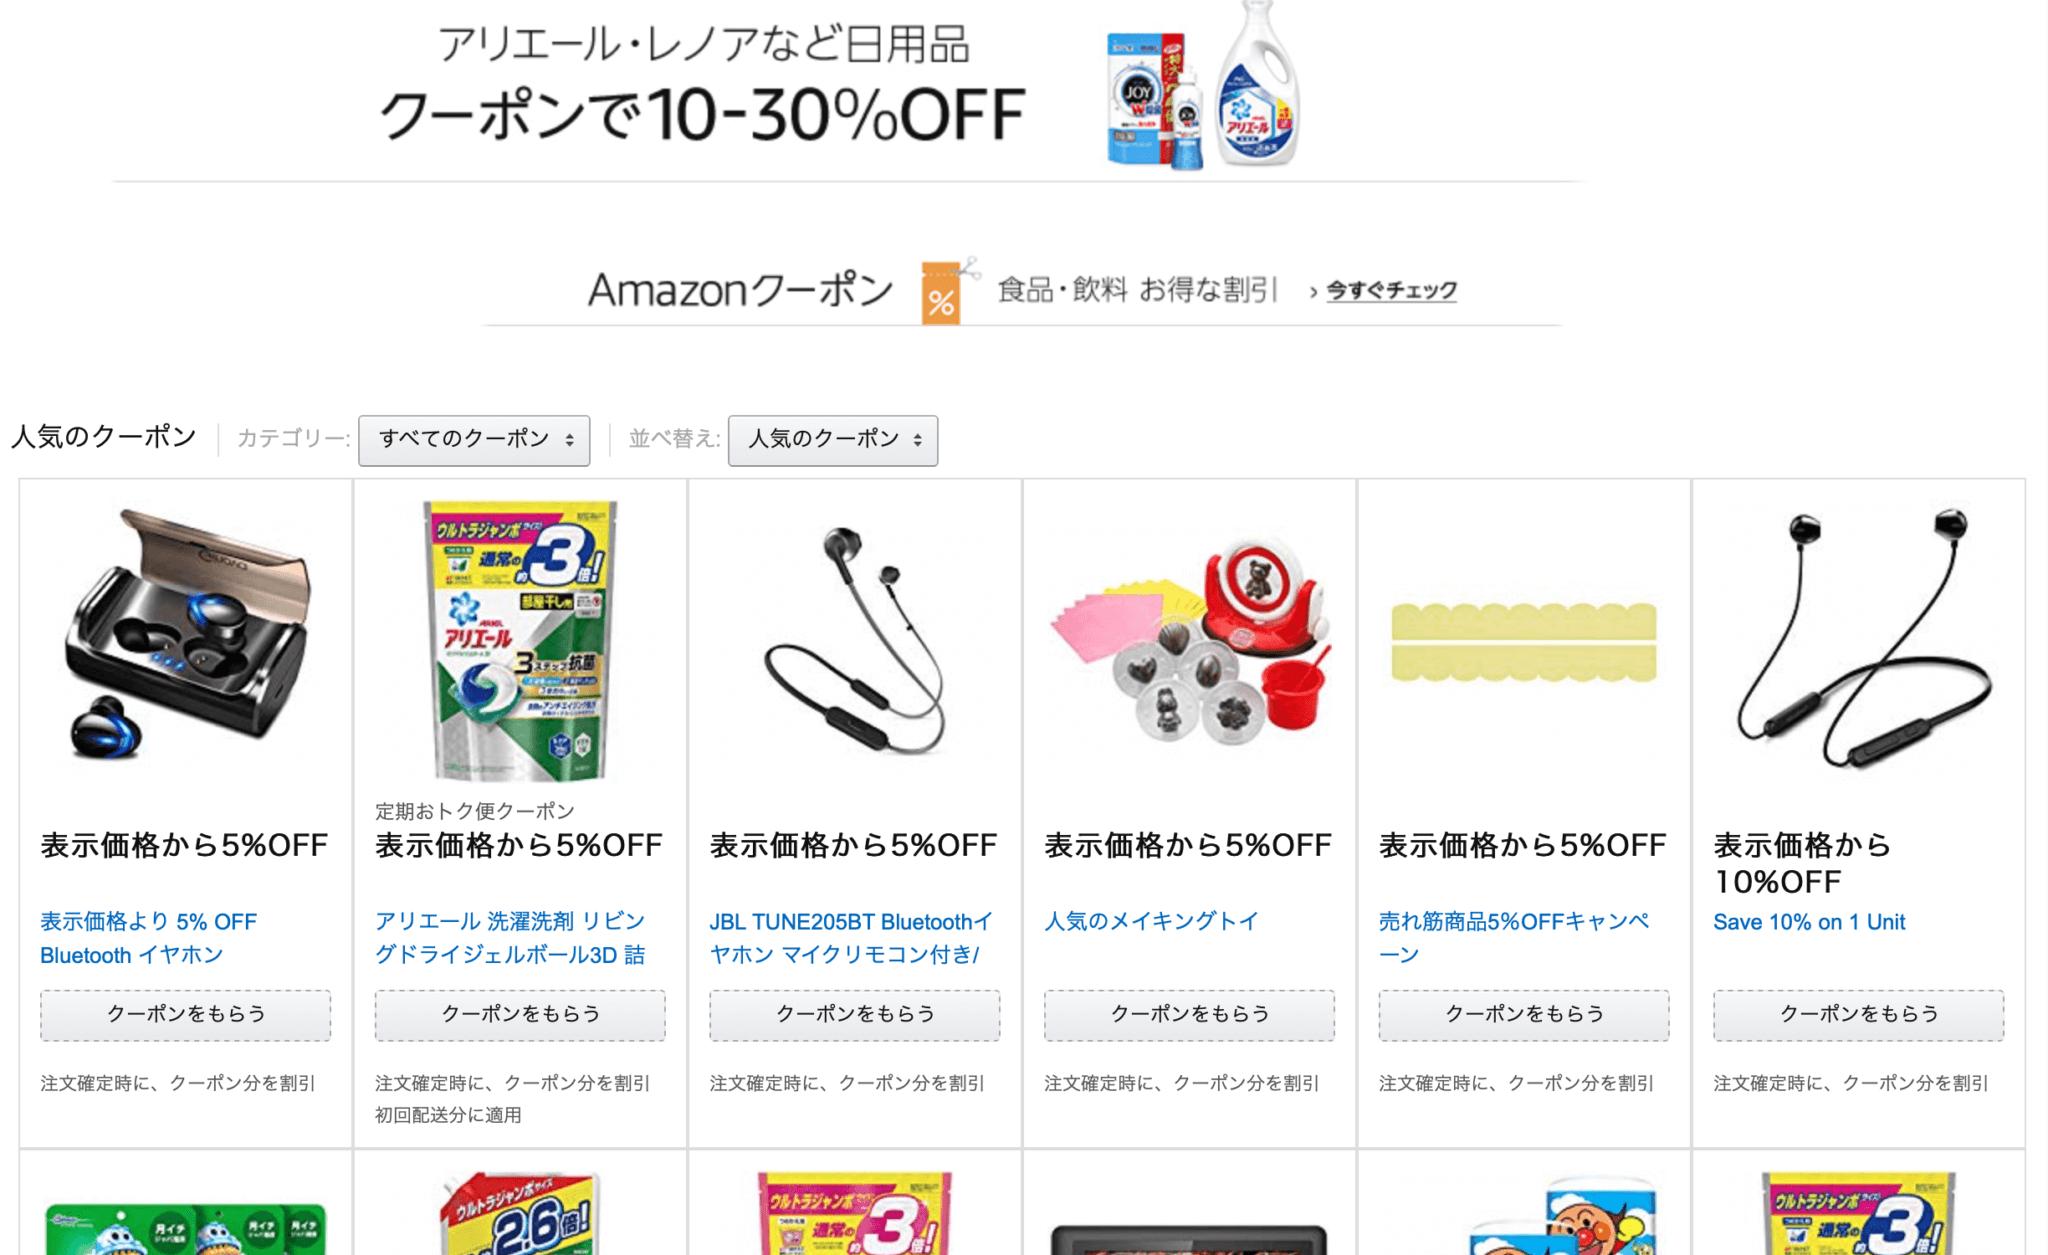 アマゾンでの買い物はクーポンがお得